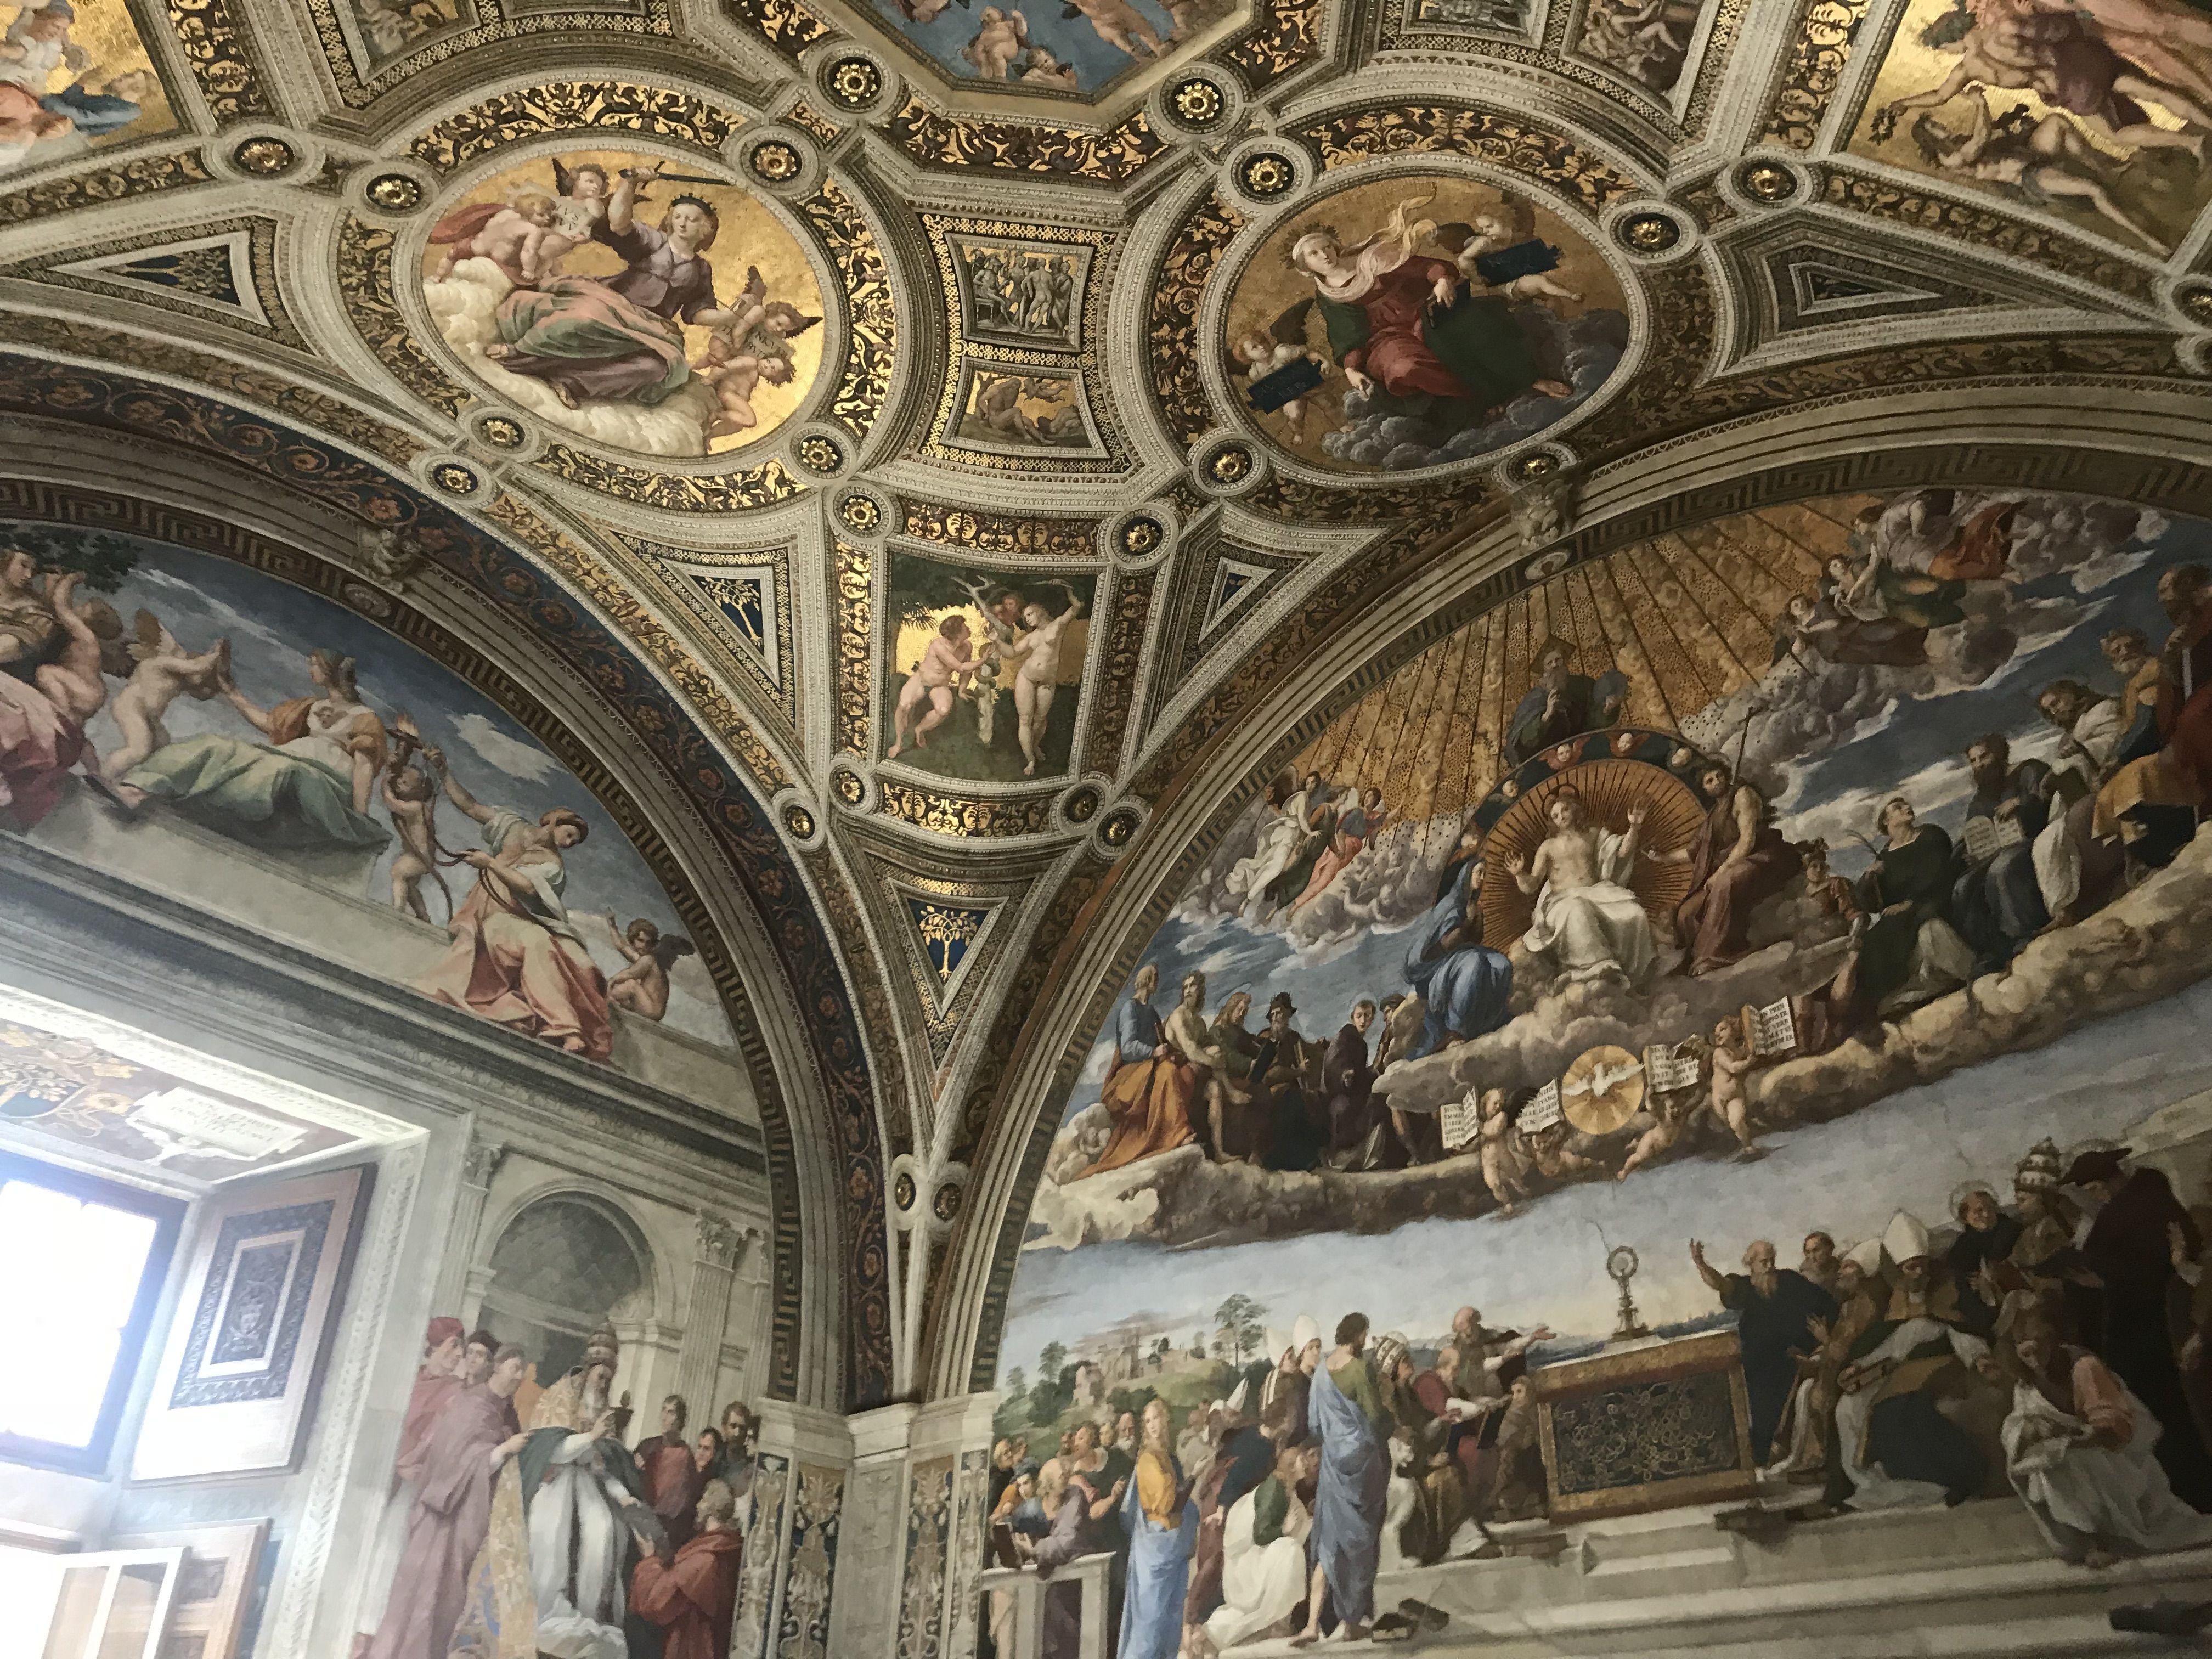 сикстинская капелла фото фресок боттичелли обоев оскал черного